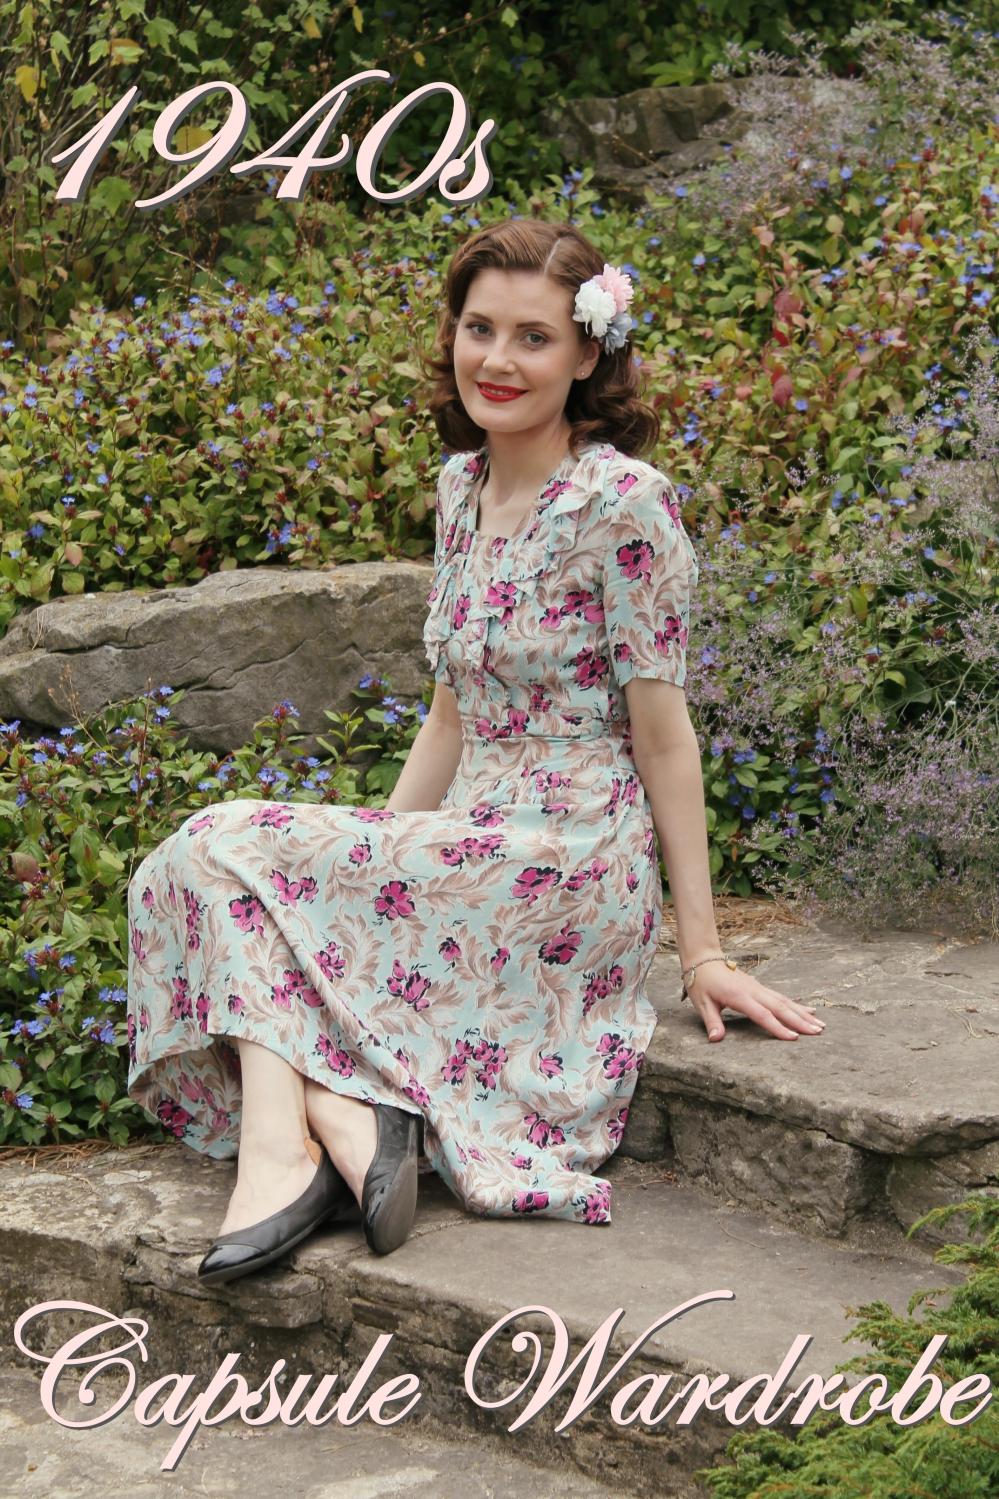 1940s Capsule Wardrobe